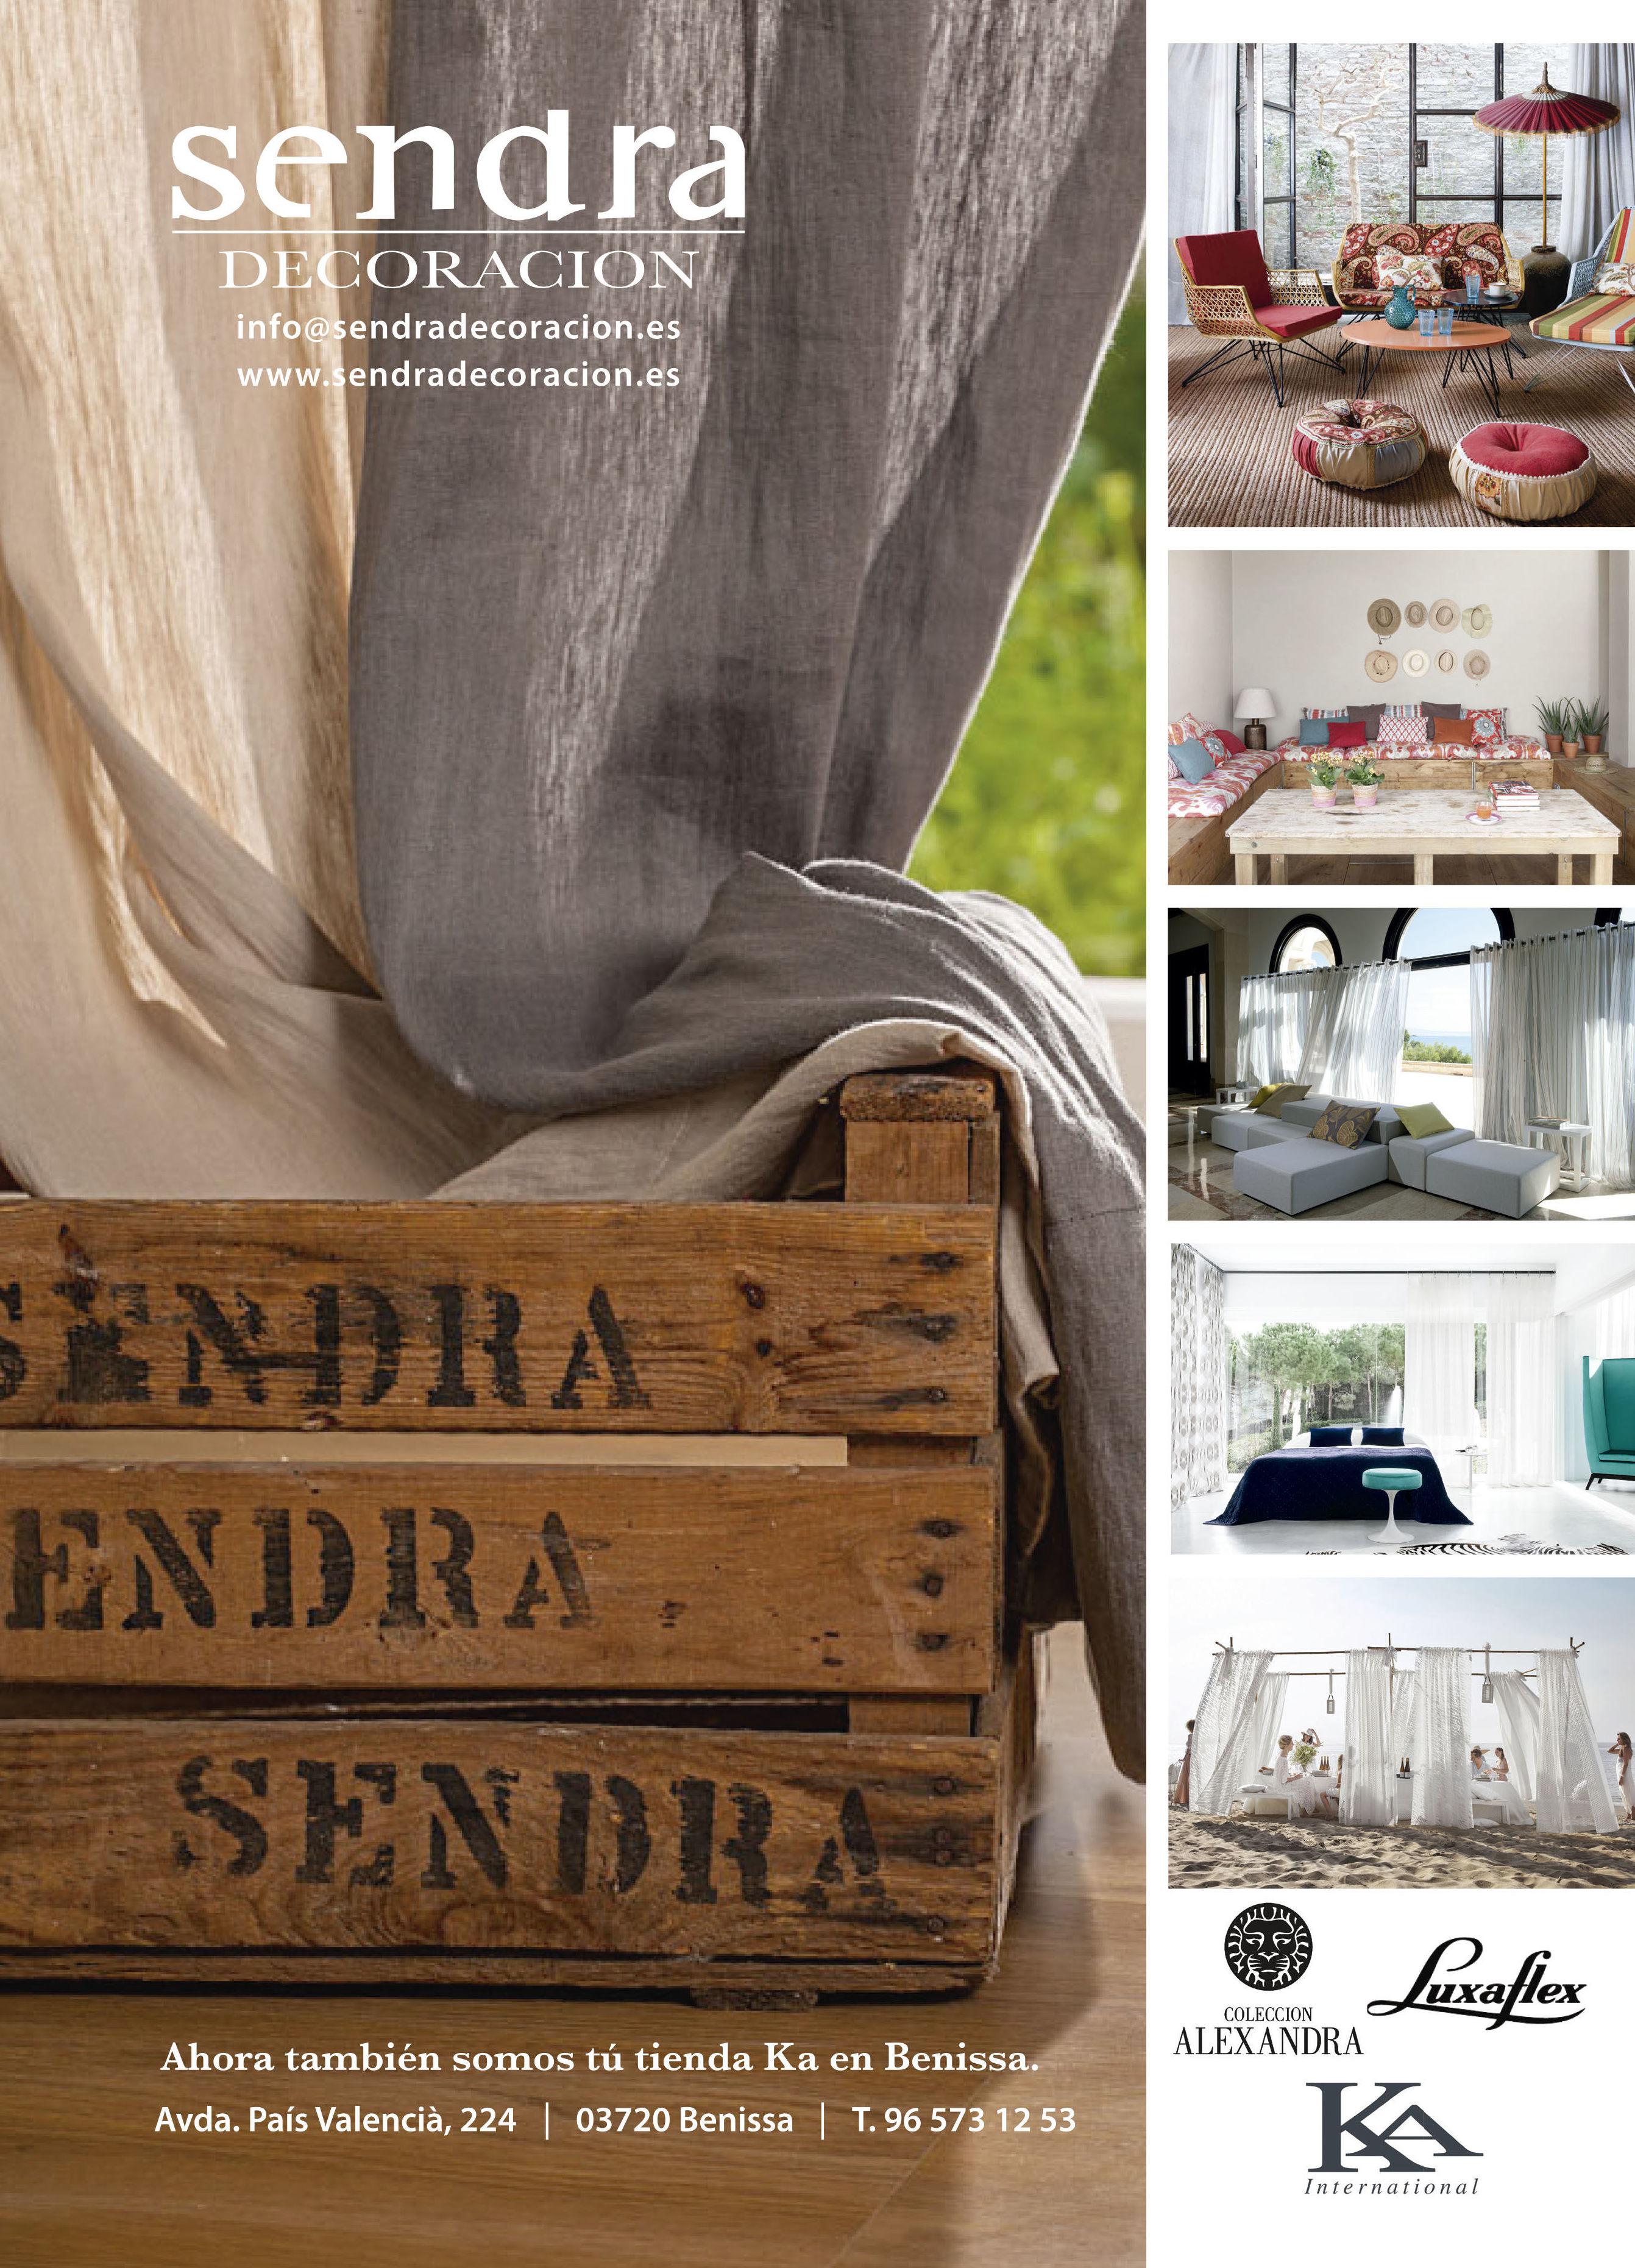 Foto 14 de Cortinas en Benissa | Sendra, S.L.